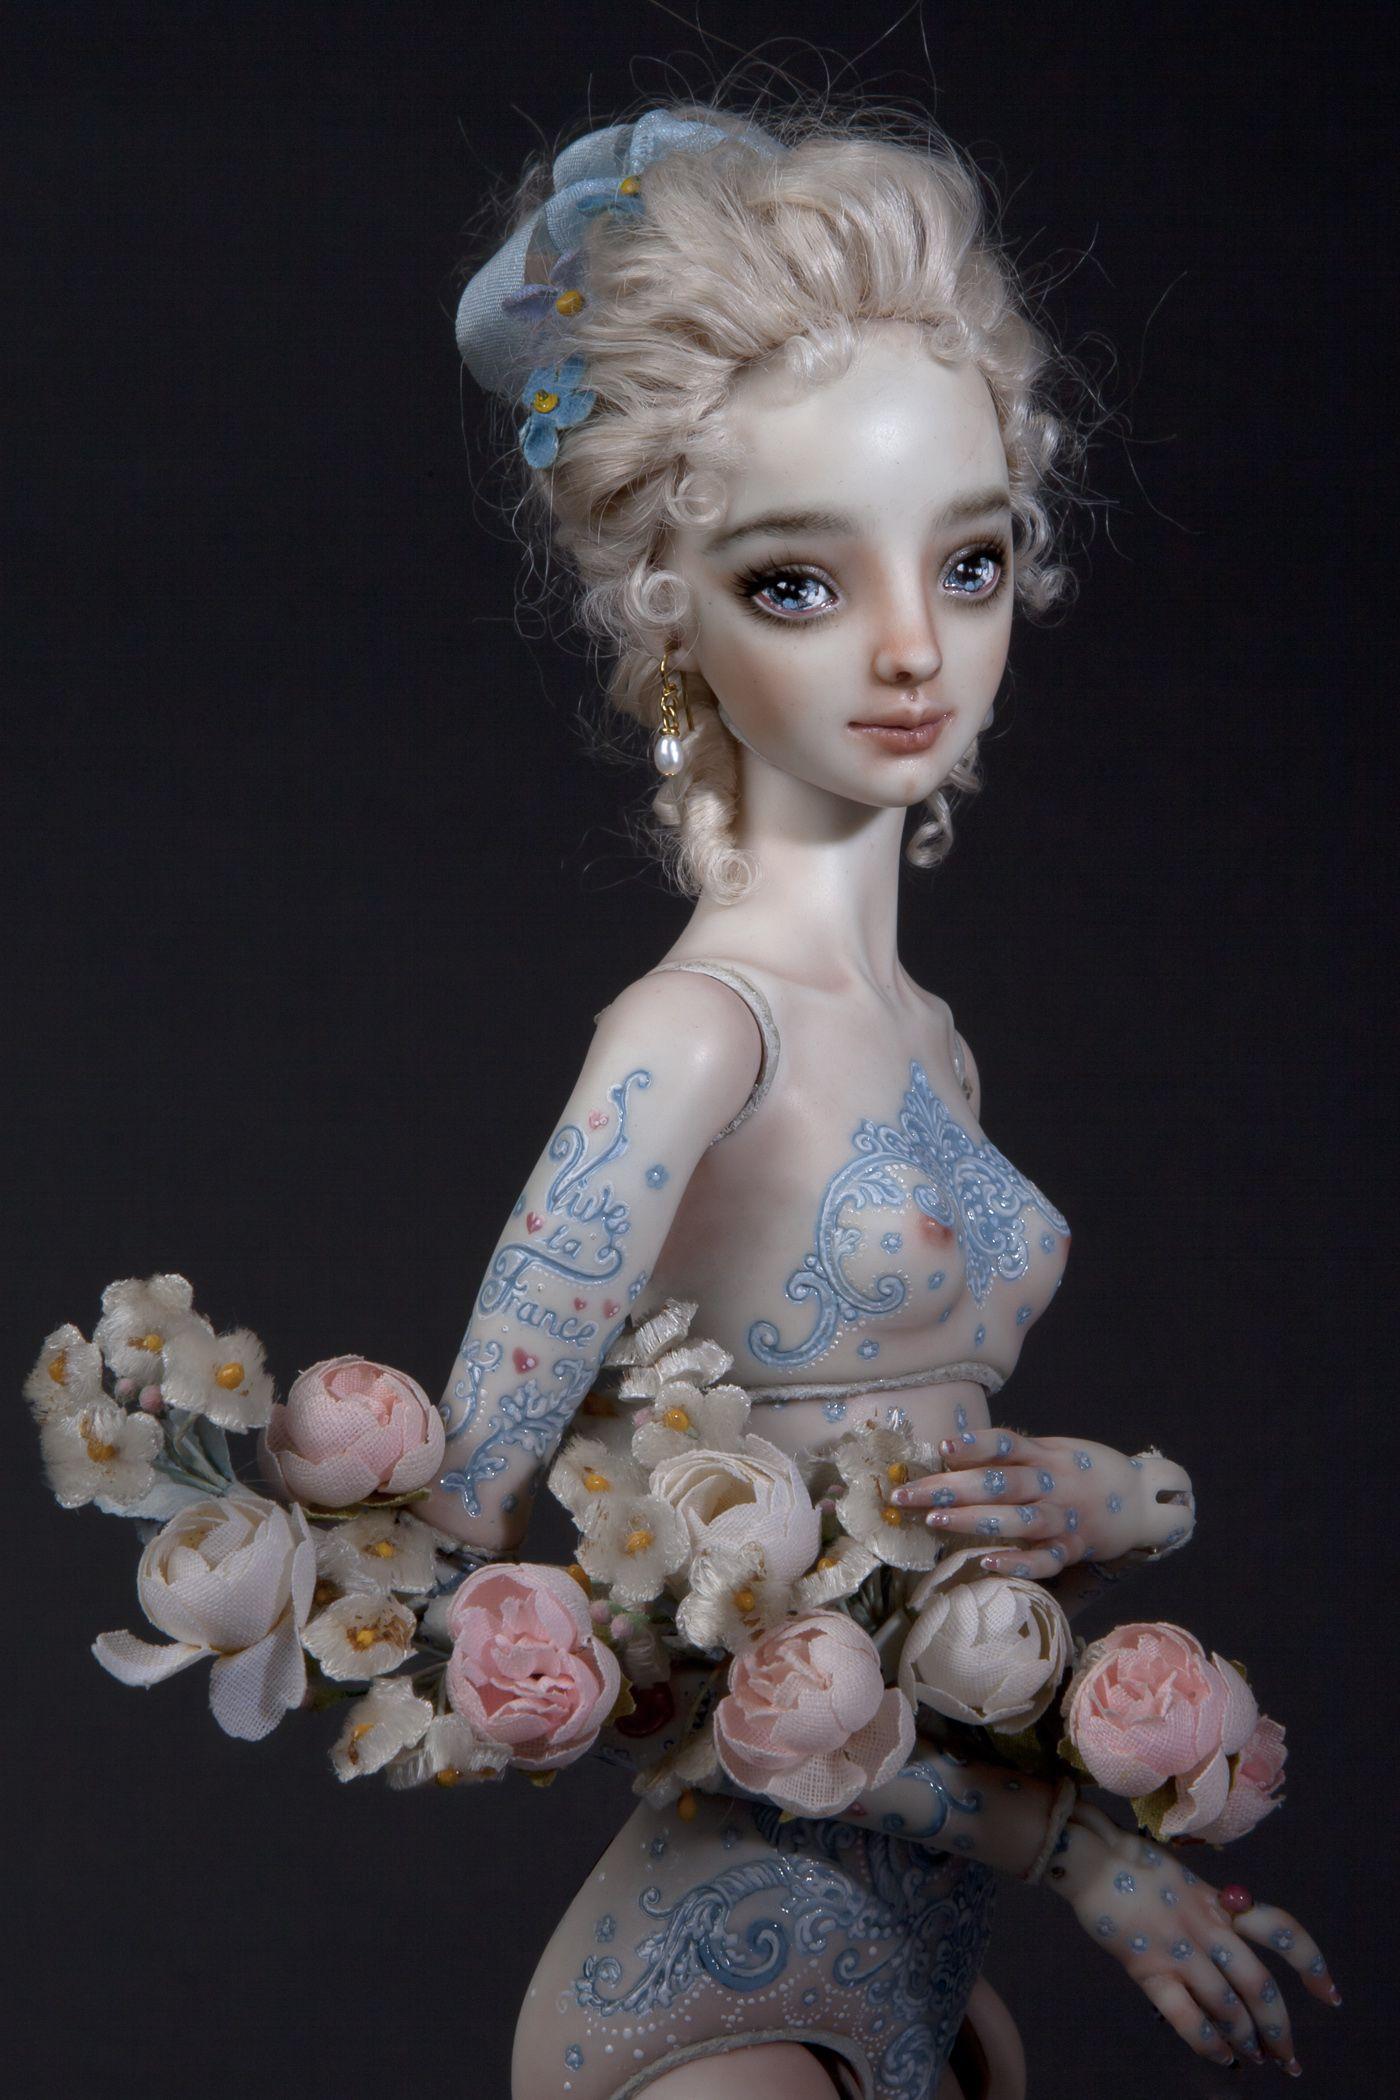 bambole incantate